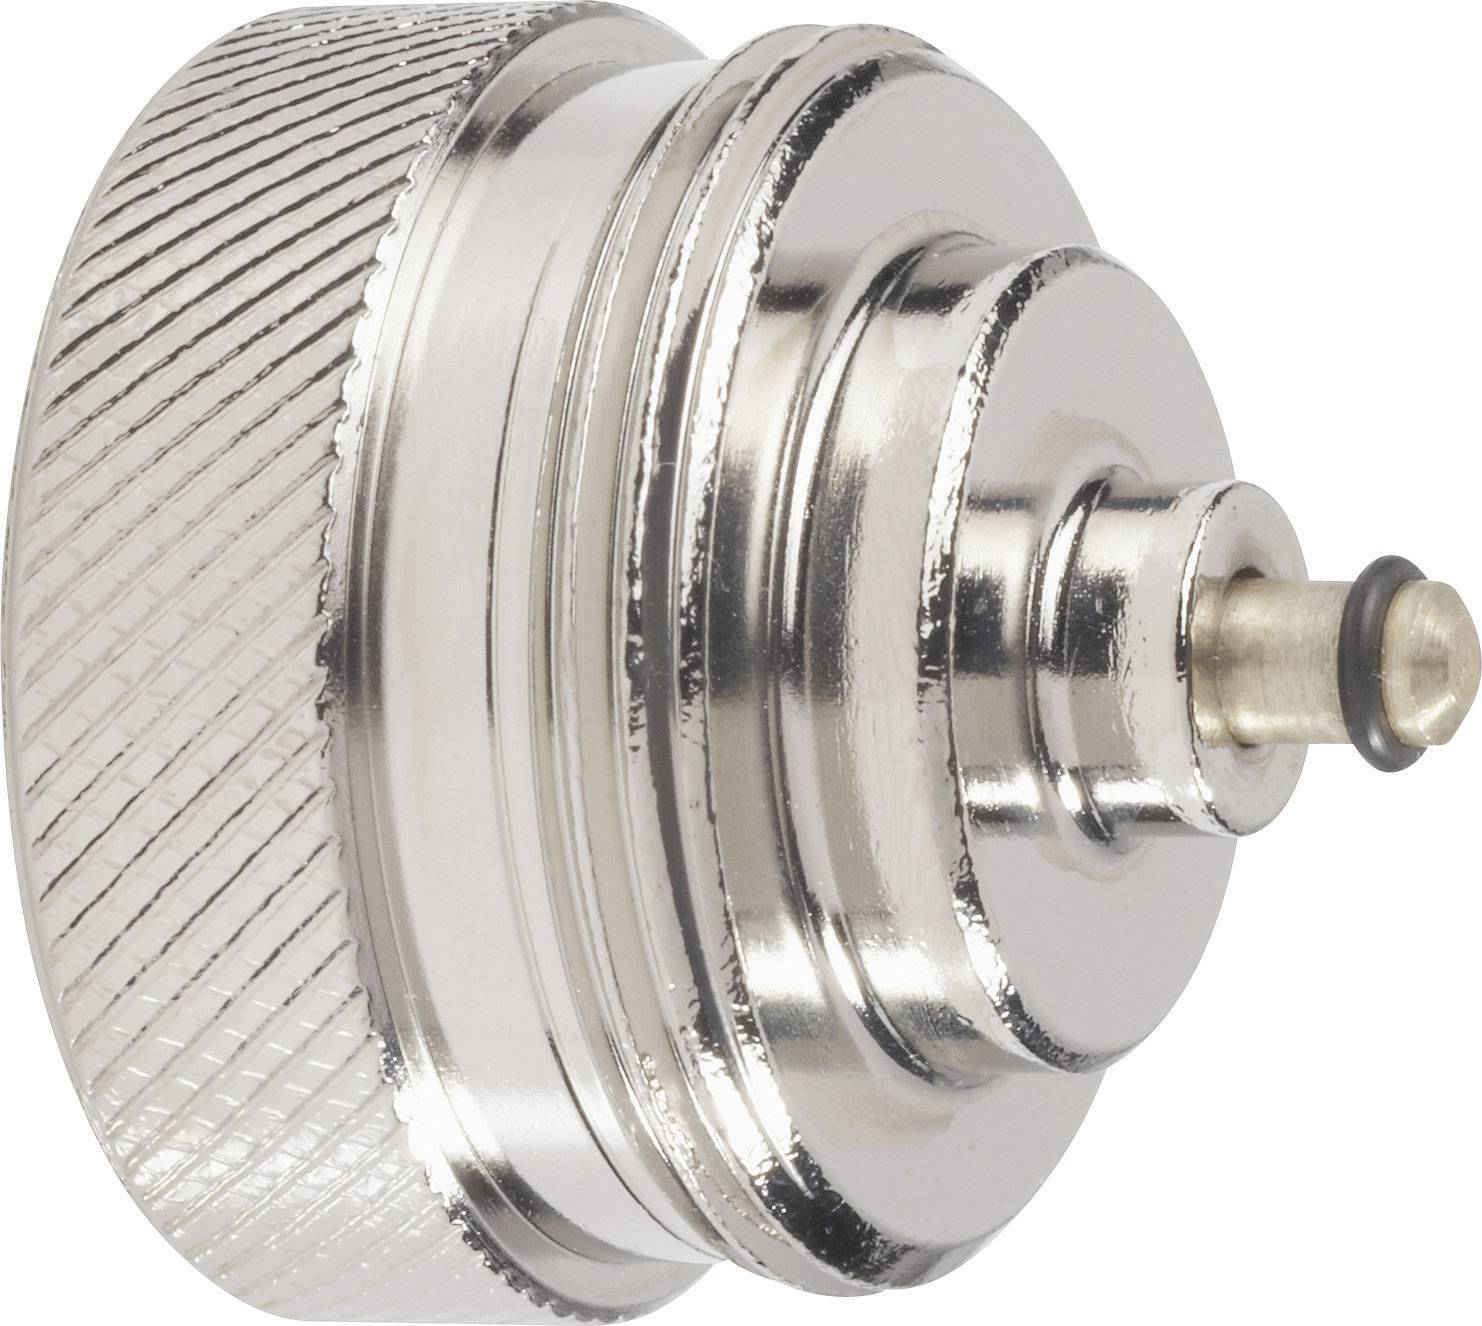 Mosazný adaptér termostatu Markaryd 700 100 010 vhodný pro topné těleso Markaryd, M28 x 1,5